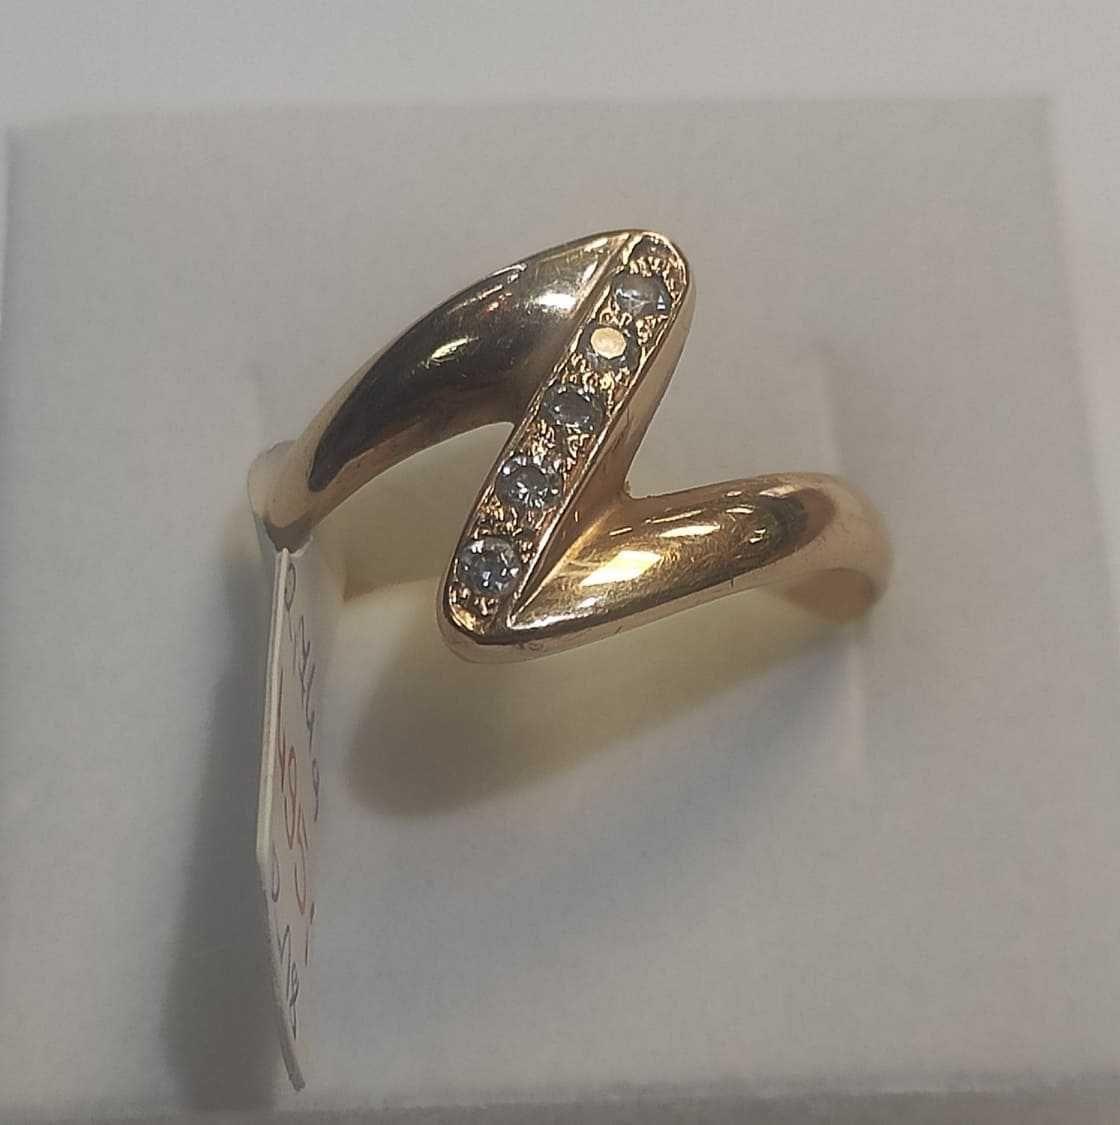 Pierścionek złoty z cyrkoniami pr.585 14 KT rozm. 18 Lombard Madej DG